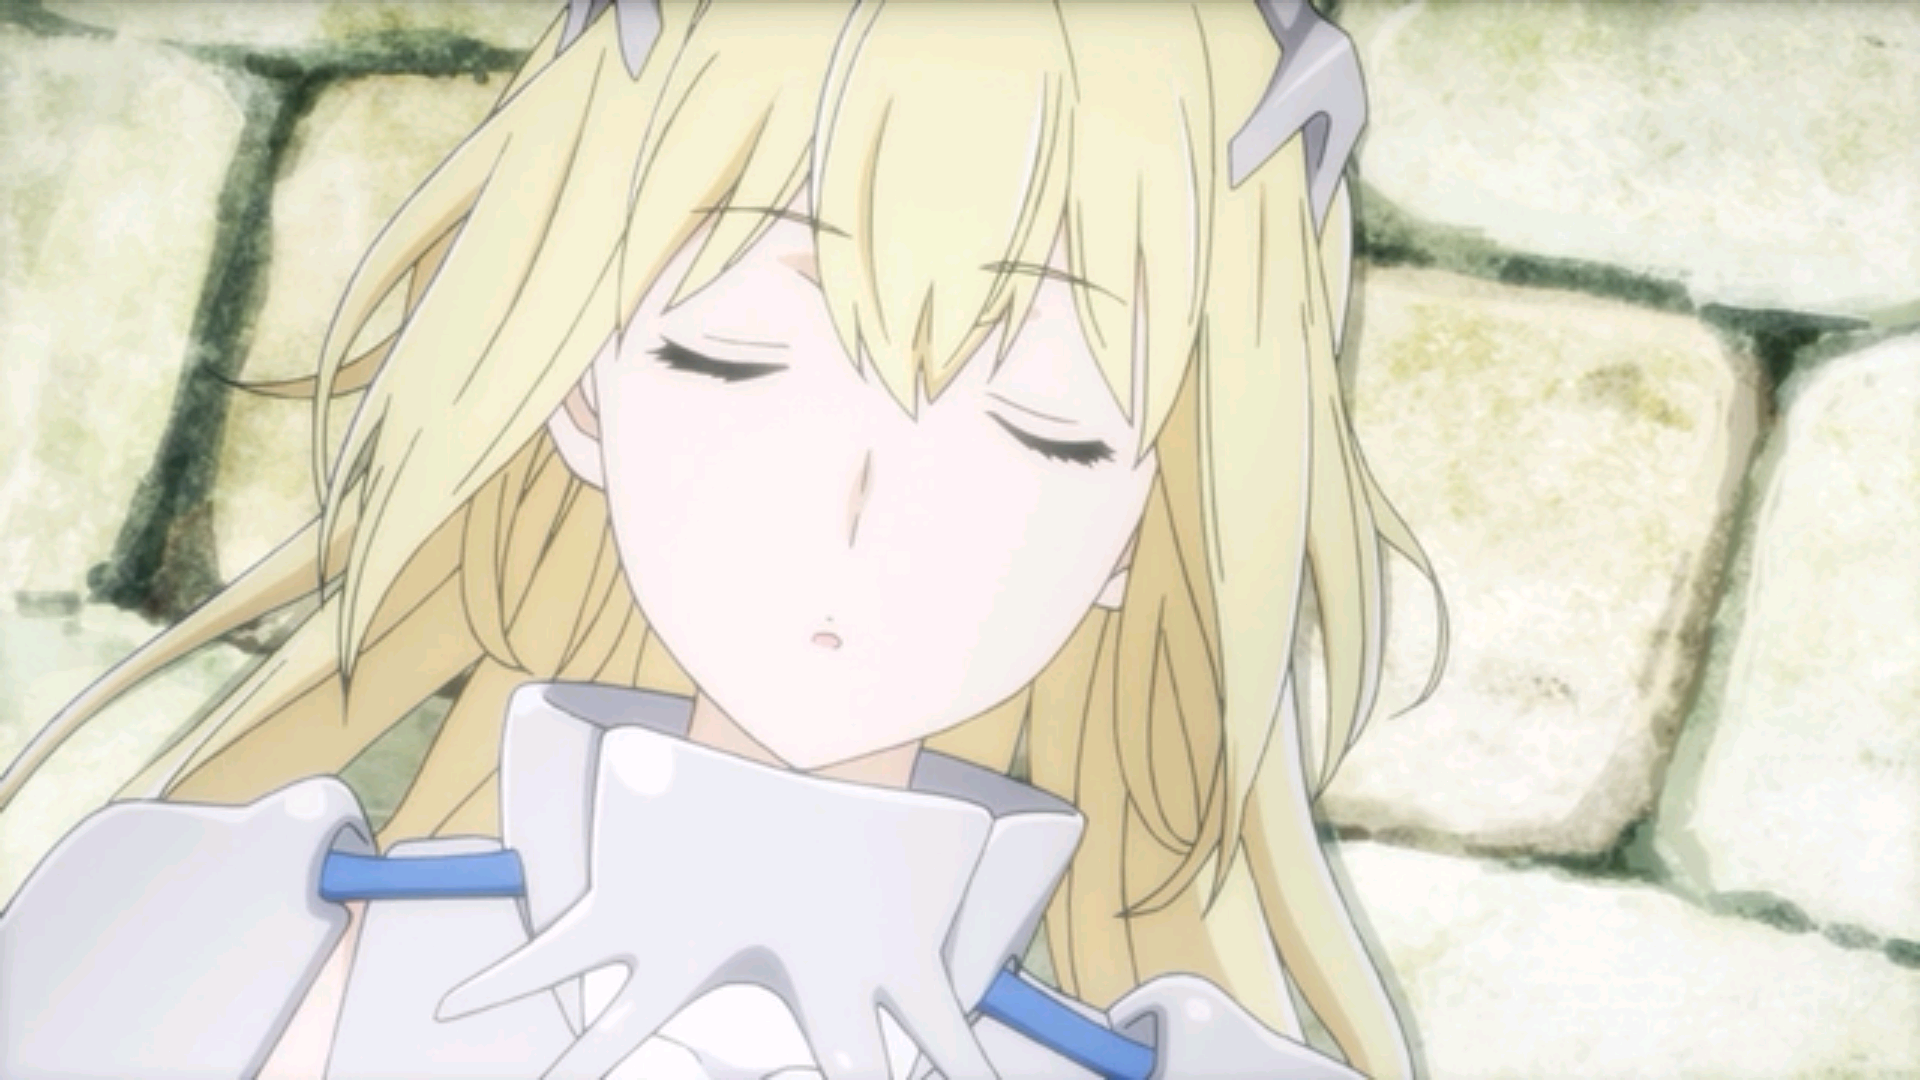 【朗報】今期のアニメで一番可愛いキャラが決定【画像あり】